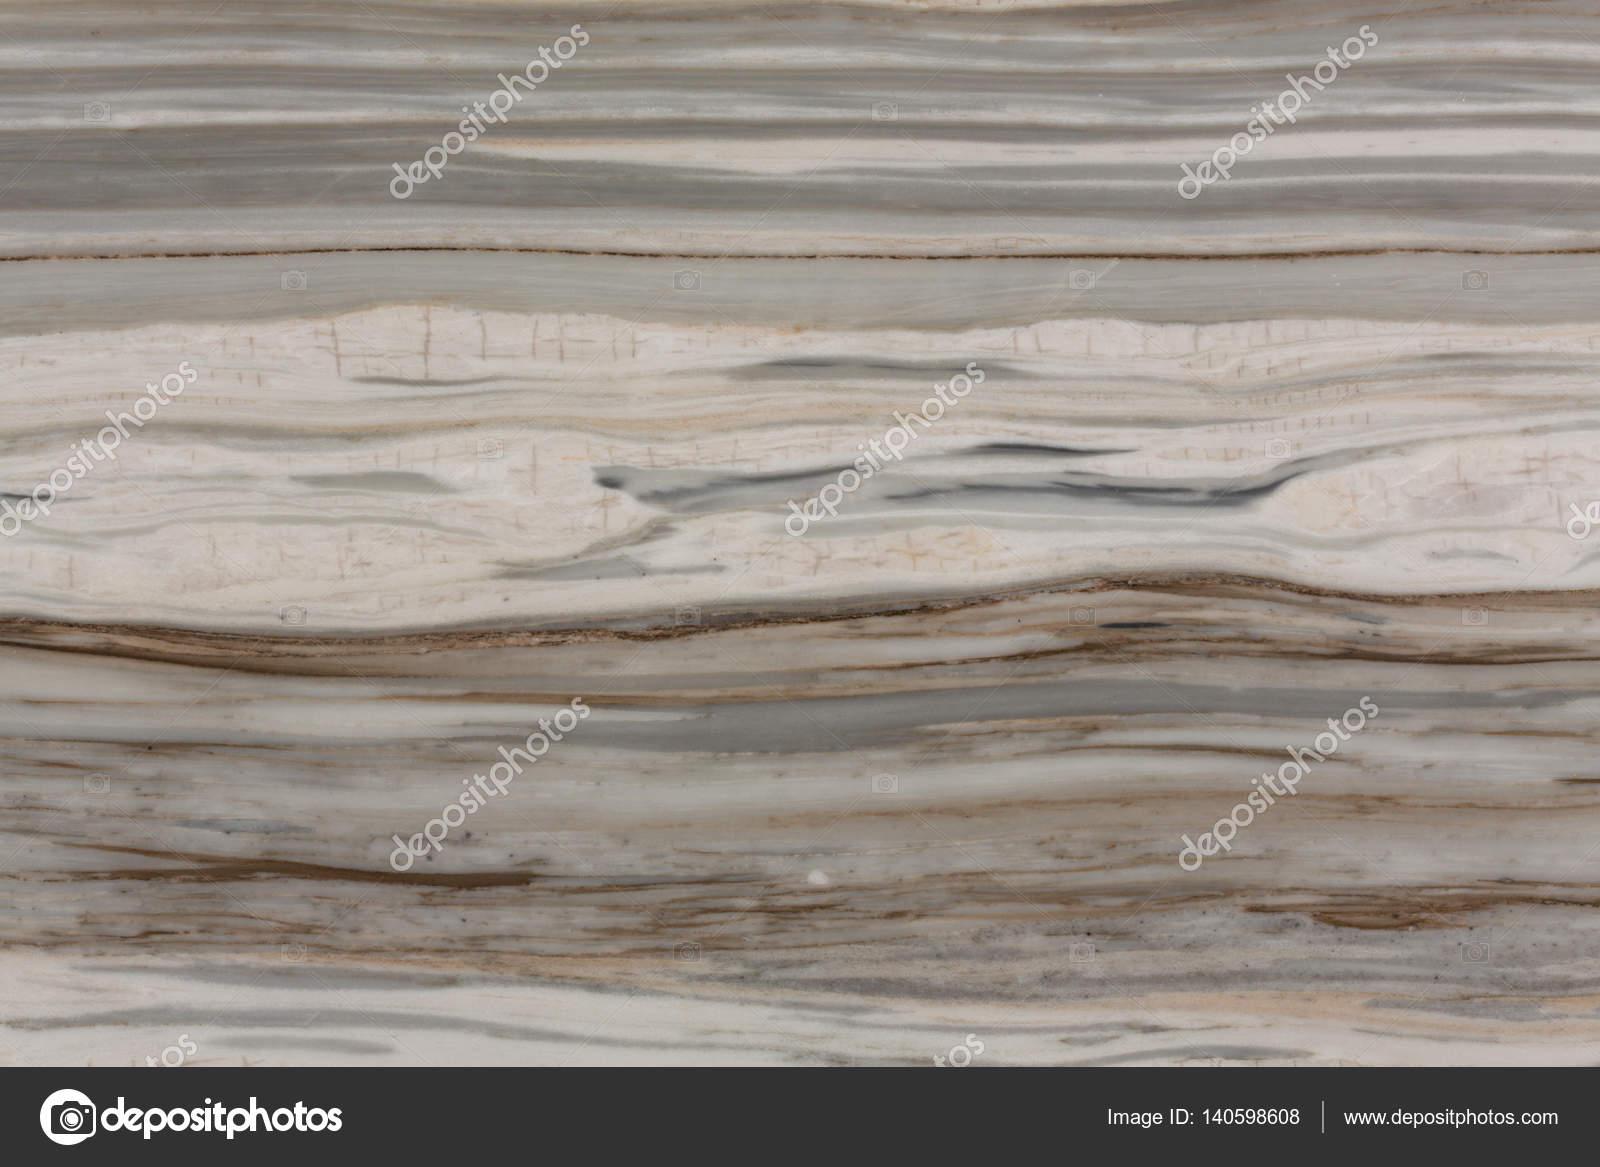 Marmo texture sfondo decorativo pietra interne in pietra u foto